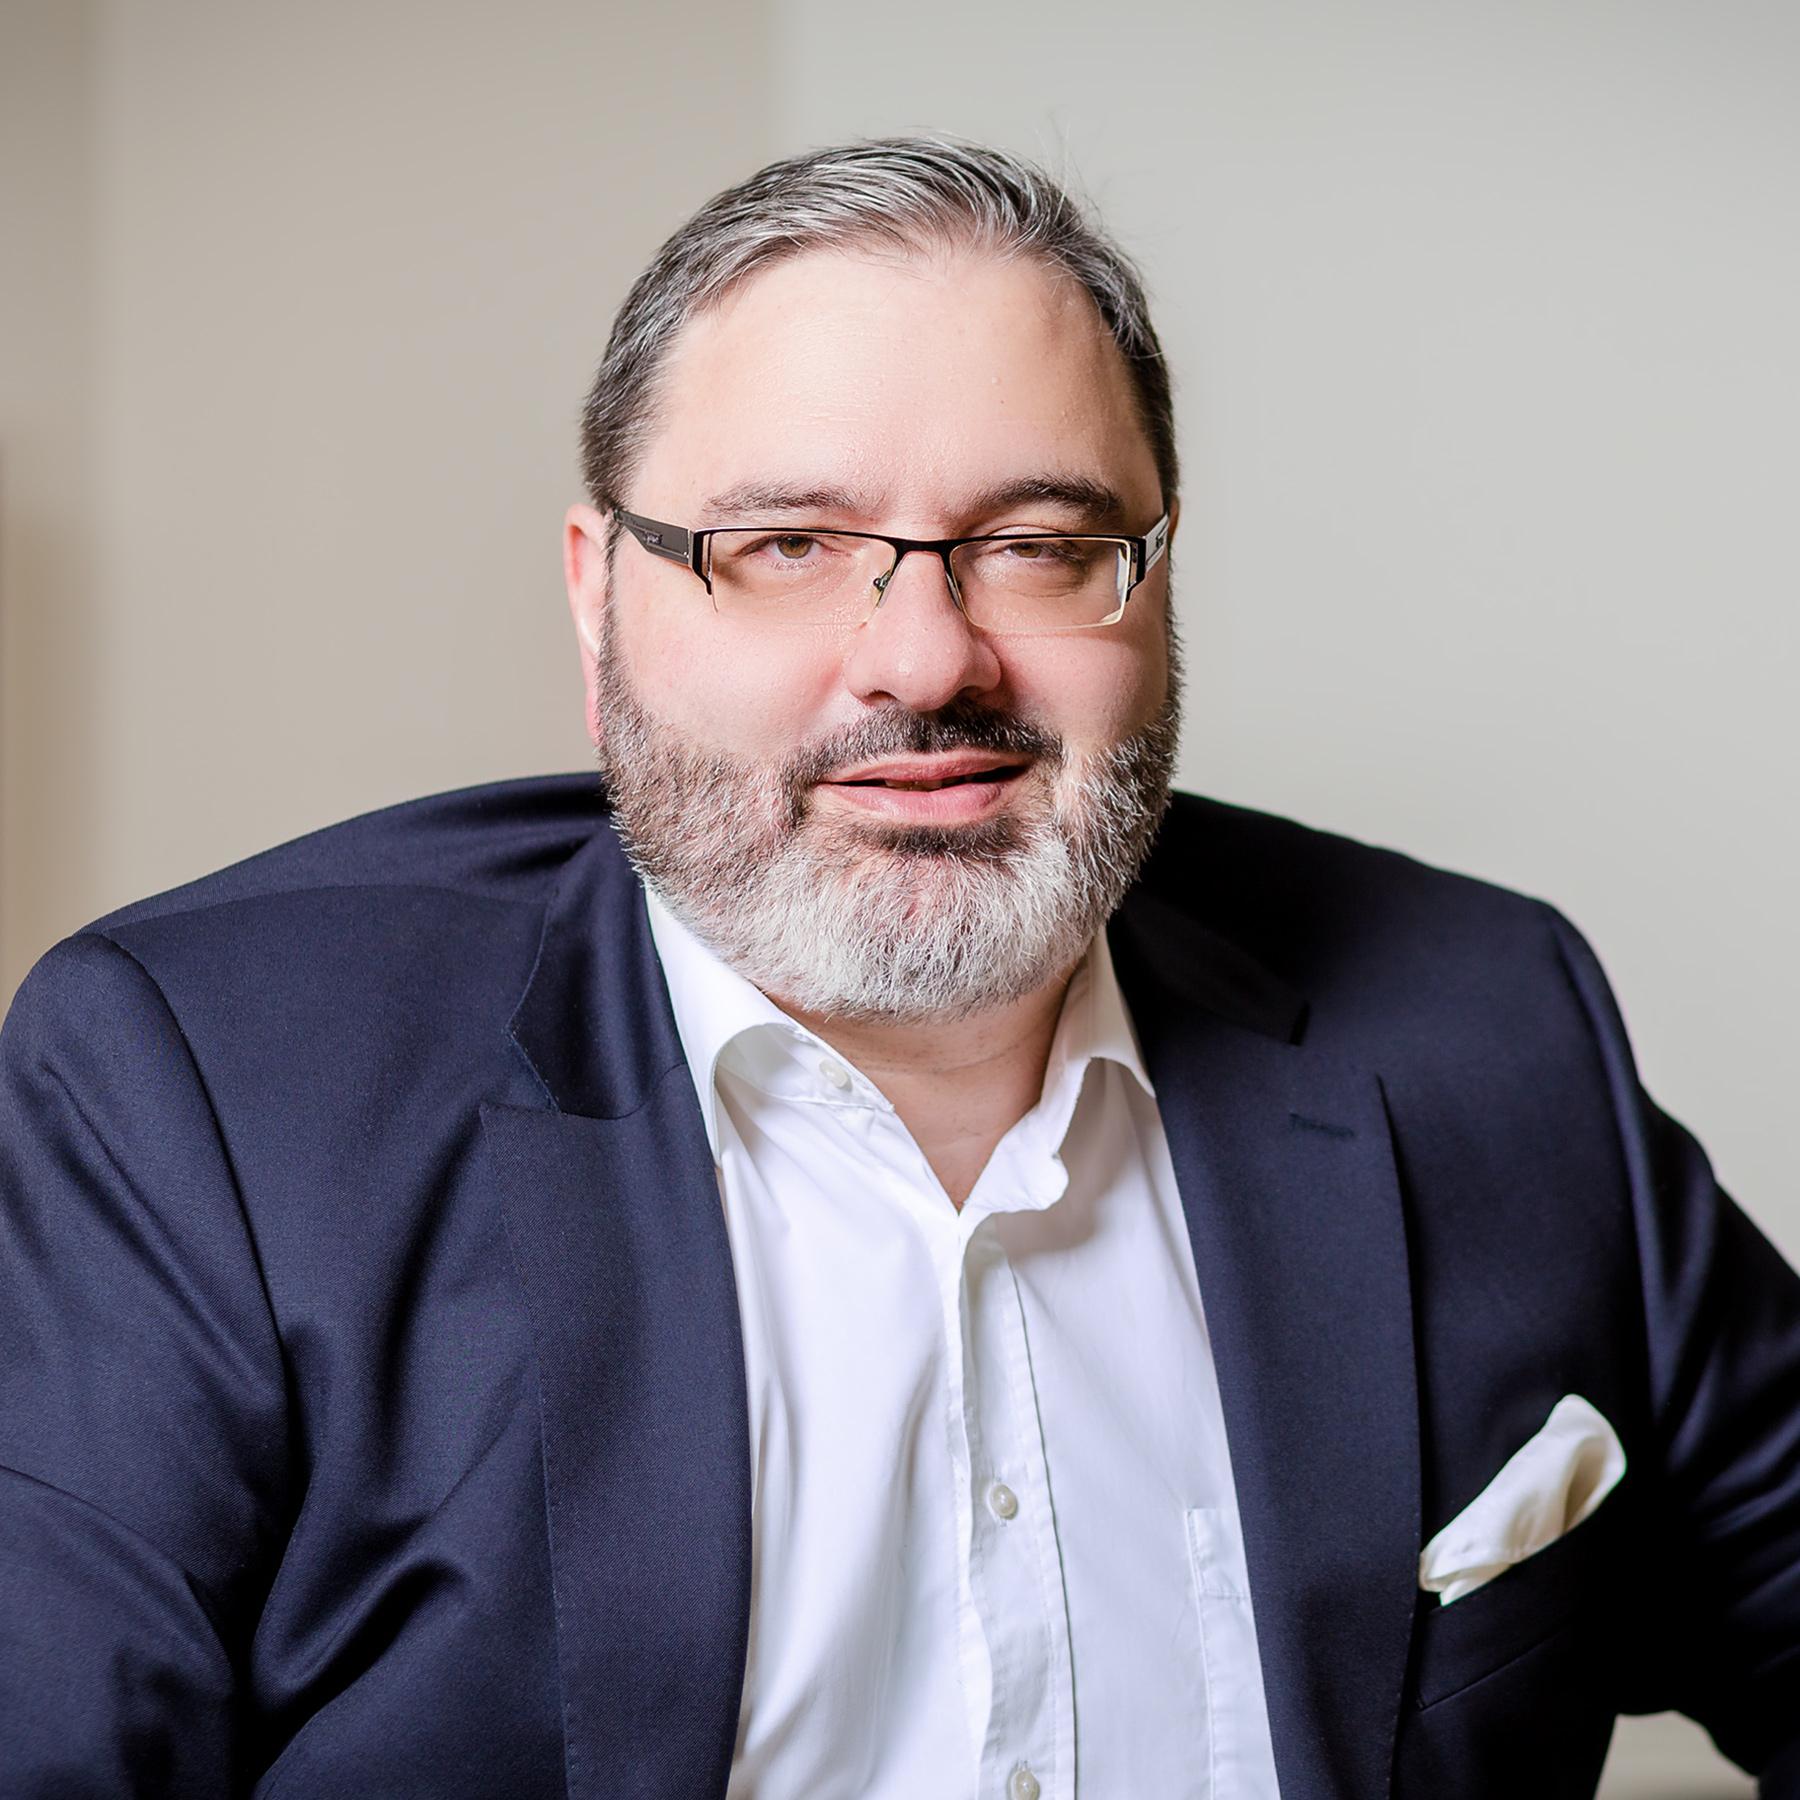 Image Business Portrait